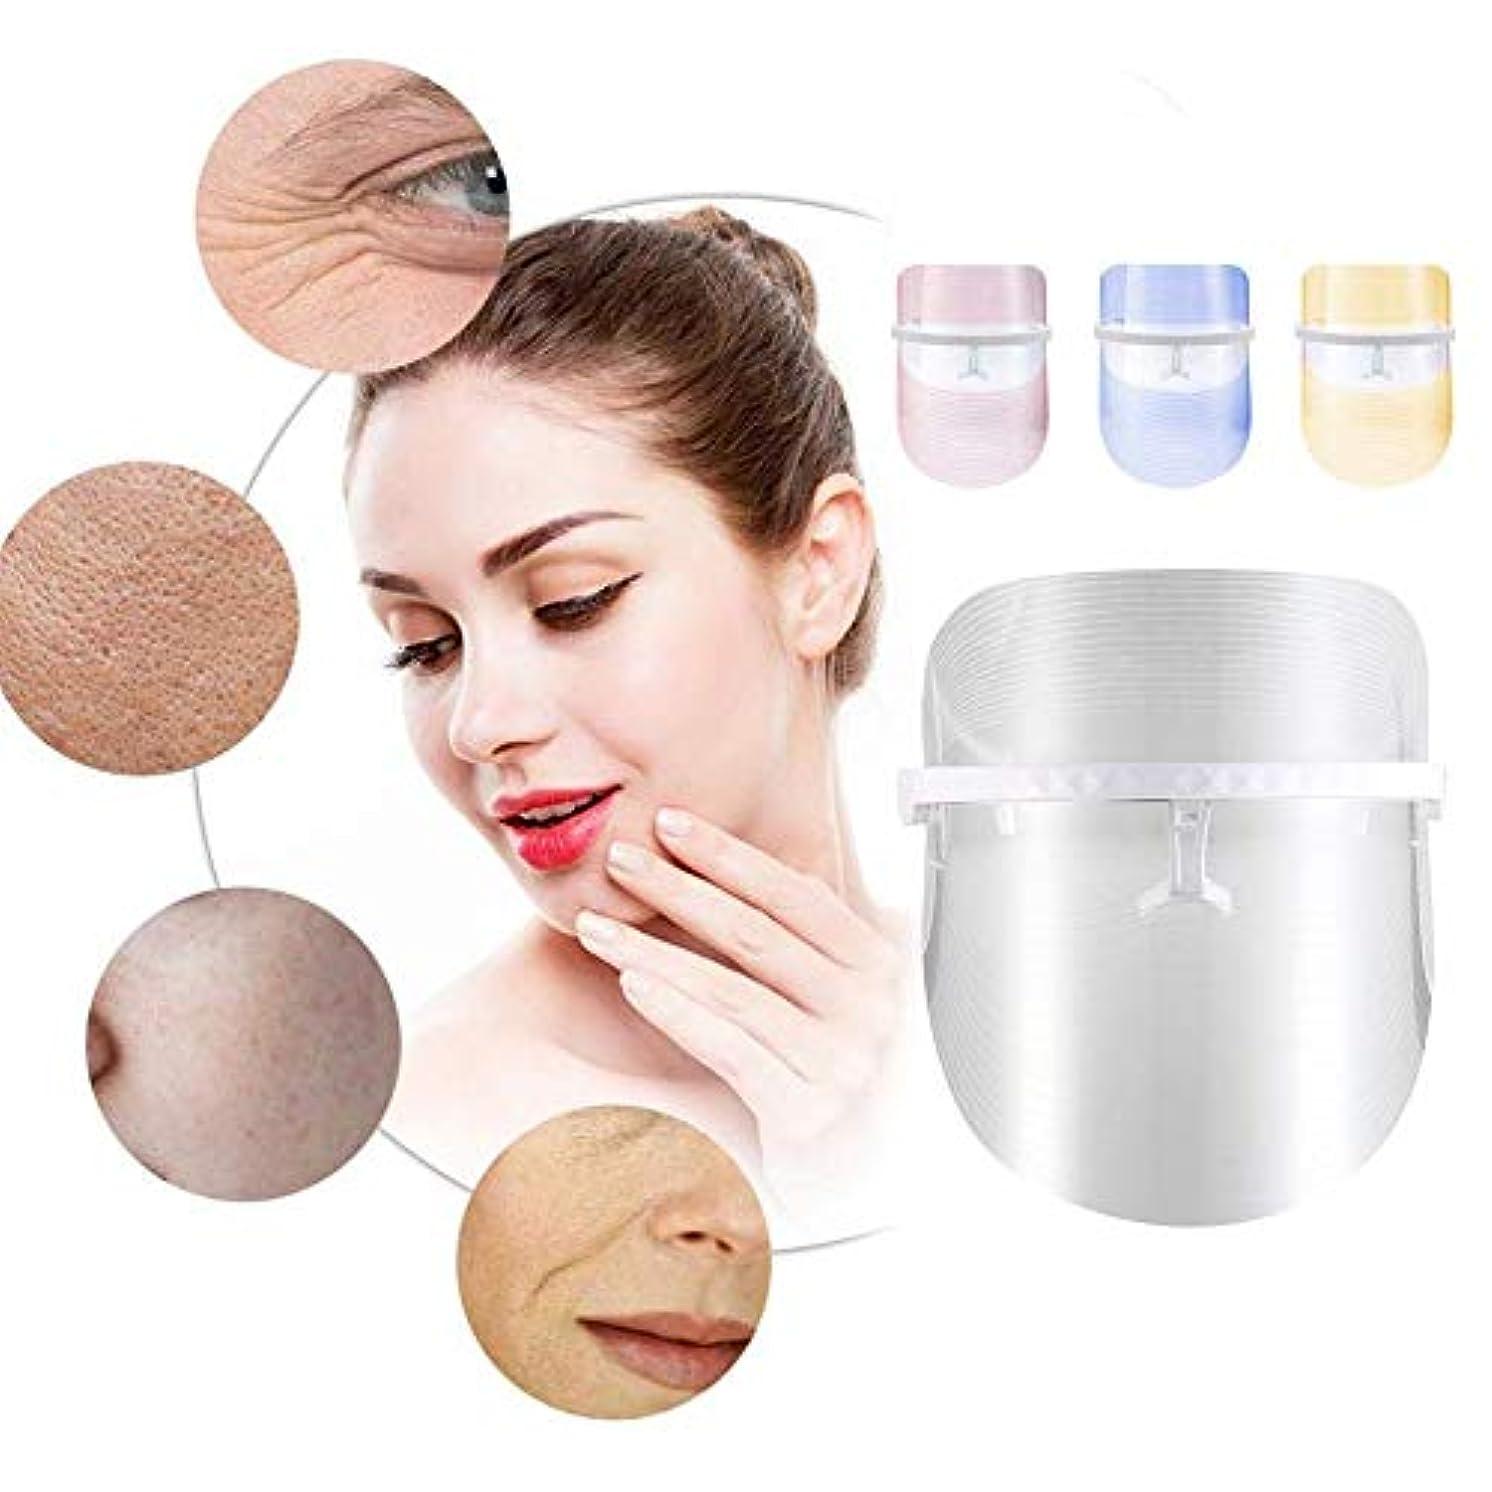 チョークのホスト苦3色LEDフェイシャルマスク美容器具光線療法赤青とオレンジの光の収縮孔は顔ケアツールを若返らせる